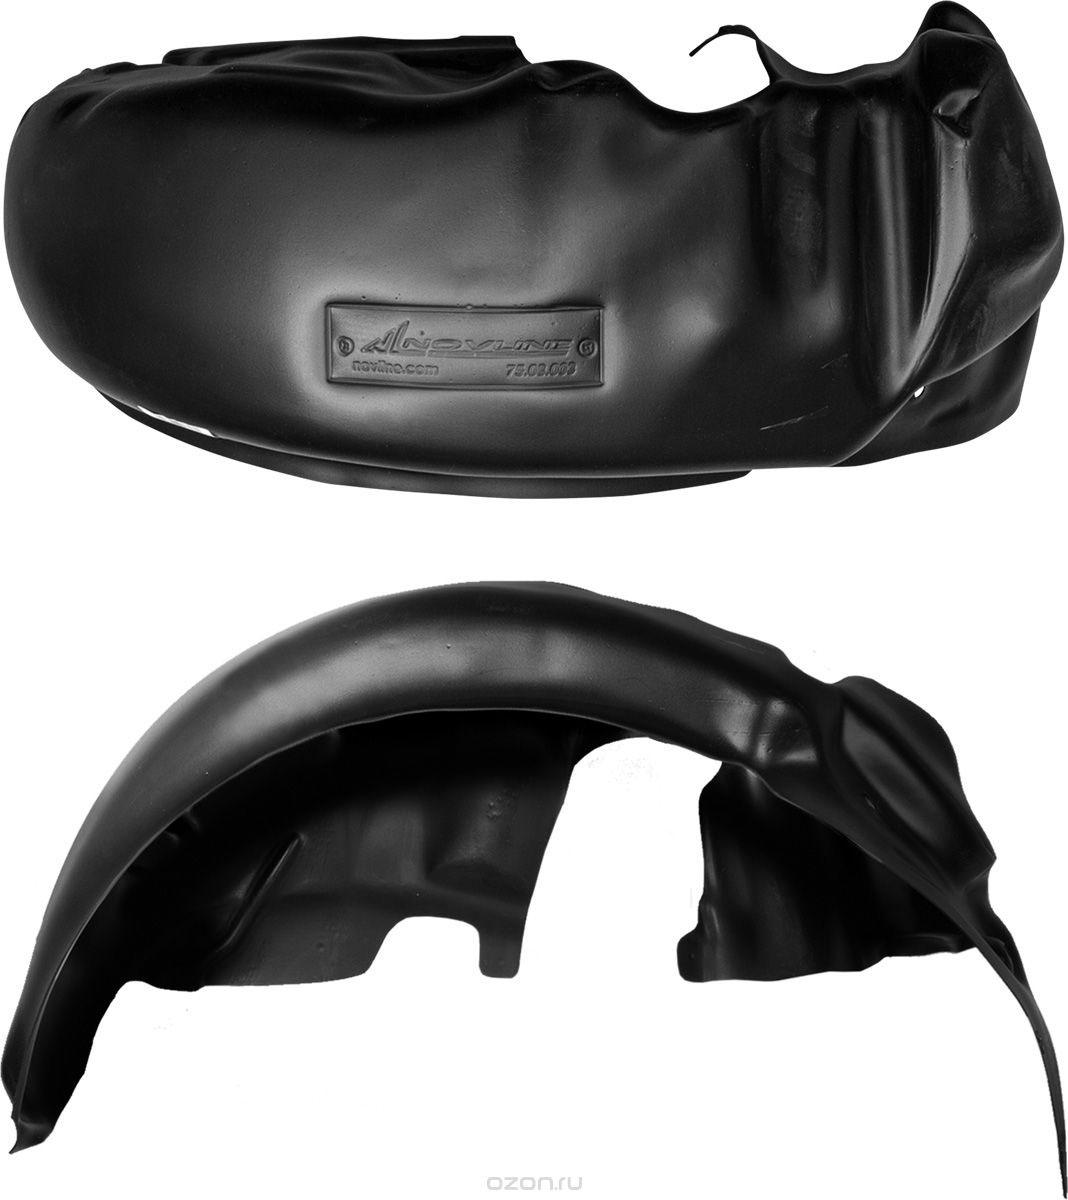 Подкрылок Novline-Autofamily, для ВАЗ 2108-099 1987-2004 , задний левый000413Идеальная защита колесной ниши. Локеры разработаны с применением цифровых технологий, гарантируют максимальную повторяемость поверхности арки. Изделия устанавливаются без нарушения лакокрасочного покрытия автомобиля, каждый подкрылок комплектуется крепежом. Уважаемые клиенты, обращаем ваше внимание, что фотографии на подкрылки универсальные и не отражают реальную форму изделия. При этом само изделие идет точно под размер указанного автомобиля.